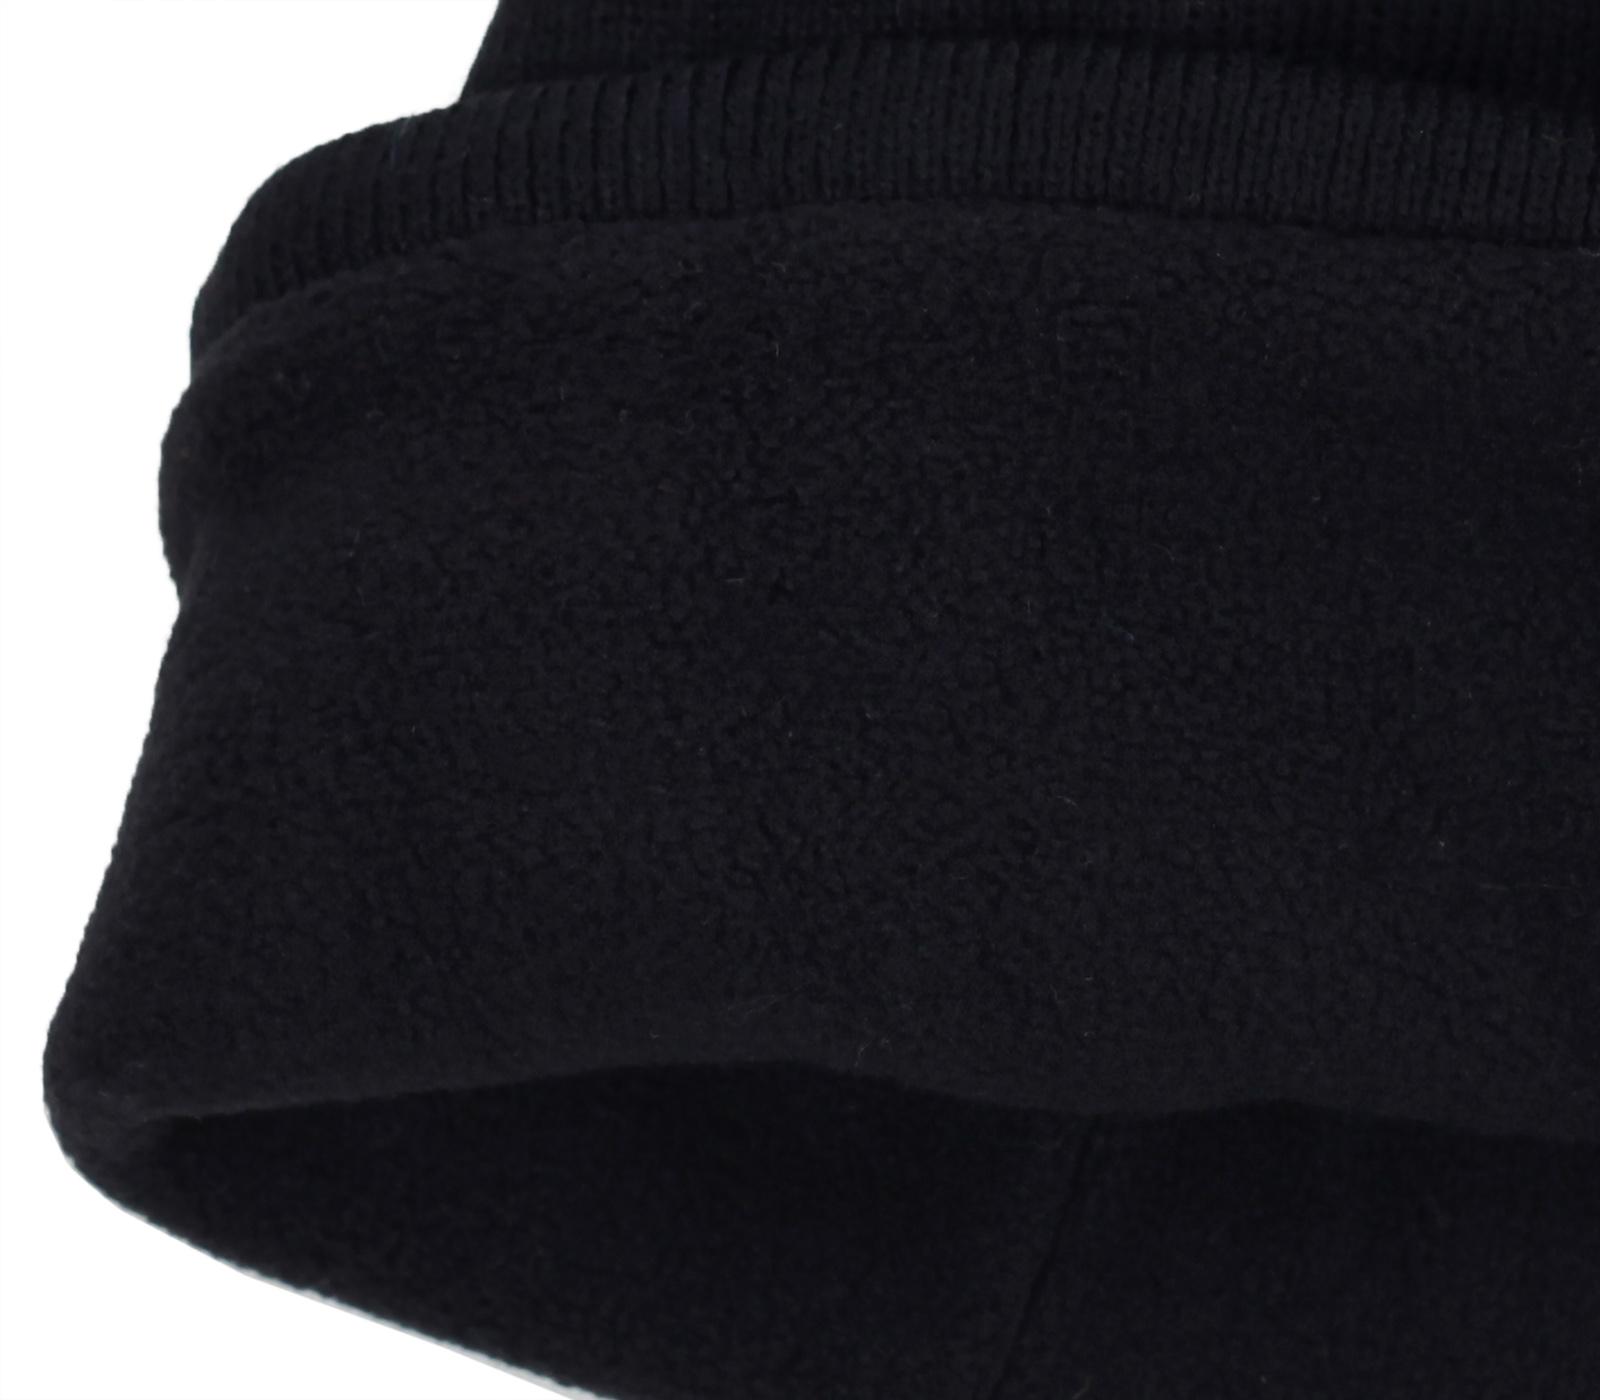 Заказать любителям рока, эстетики нуар и байкерам – зимнюю шапку с черепом утепленную флисом по лояльной цене